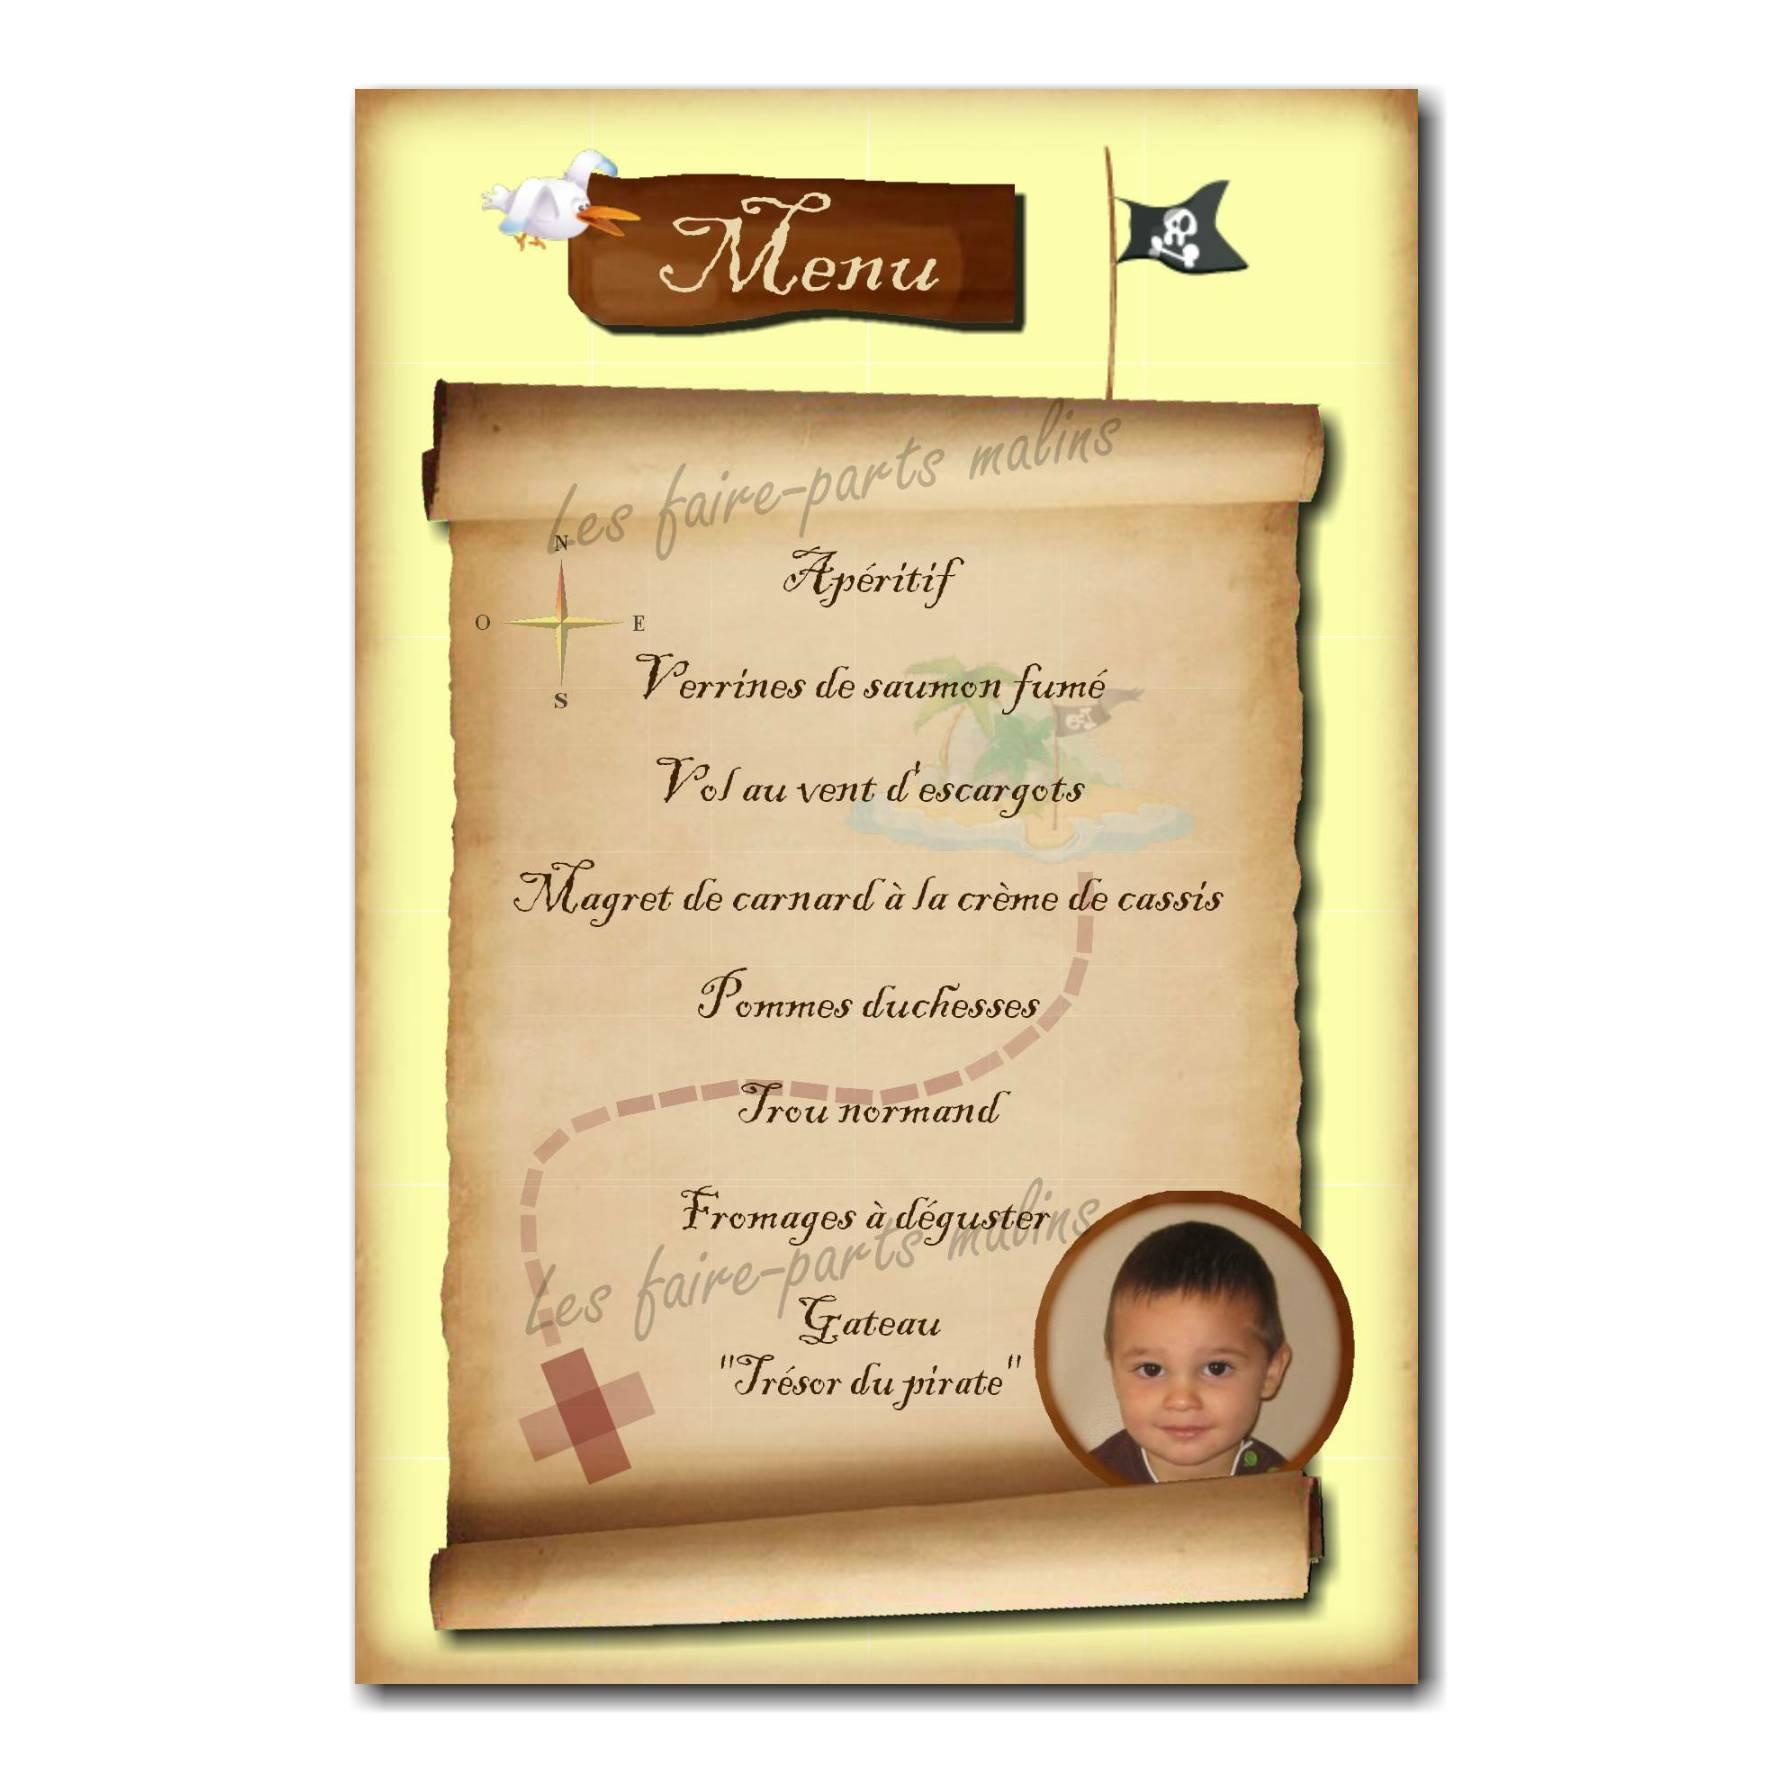 carte de menu avec photo carte aux trésors pirate